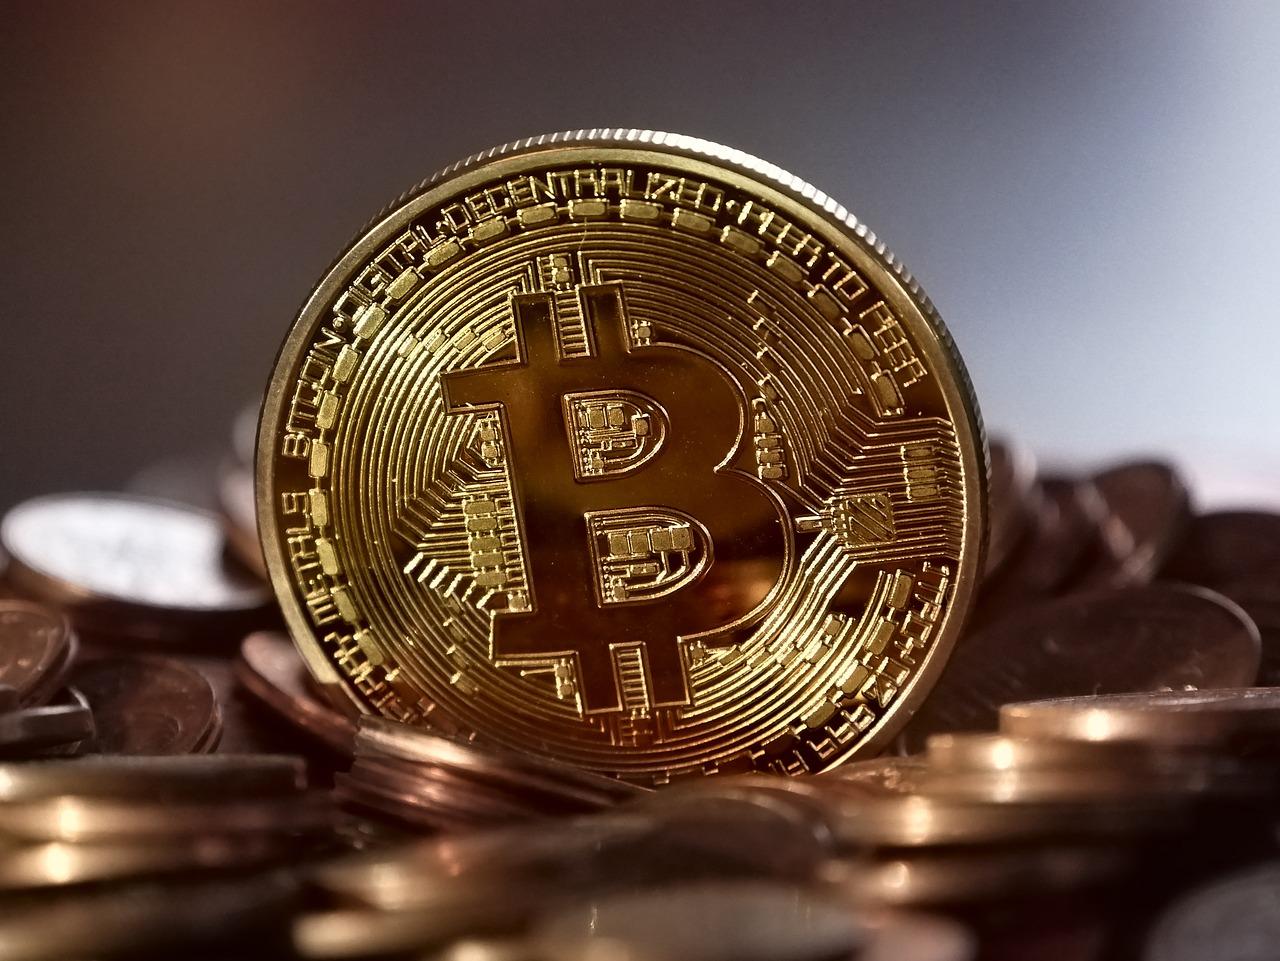 第10回 ビットコインは必要ない?「仮想通貨ブーム」の危険性とは